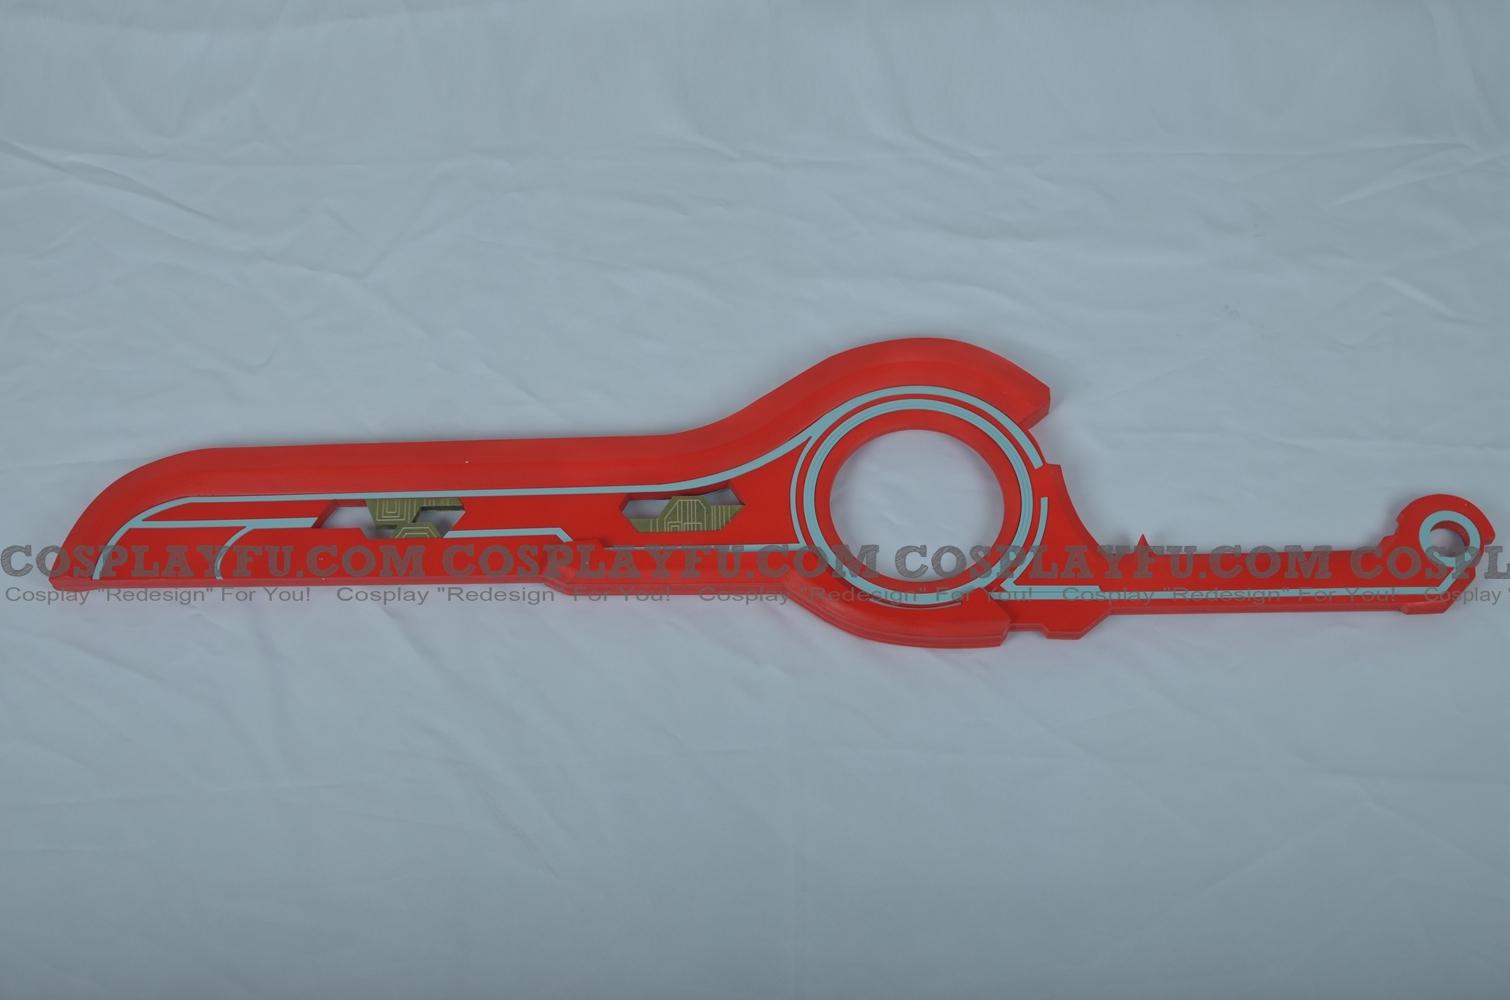 Shulk Monado Sword from Xenoblade Chronicles